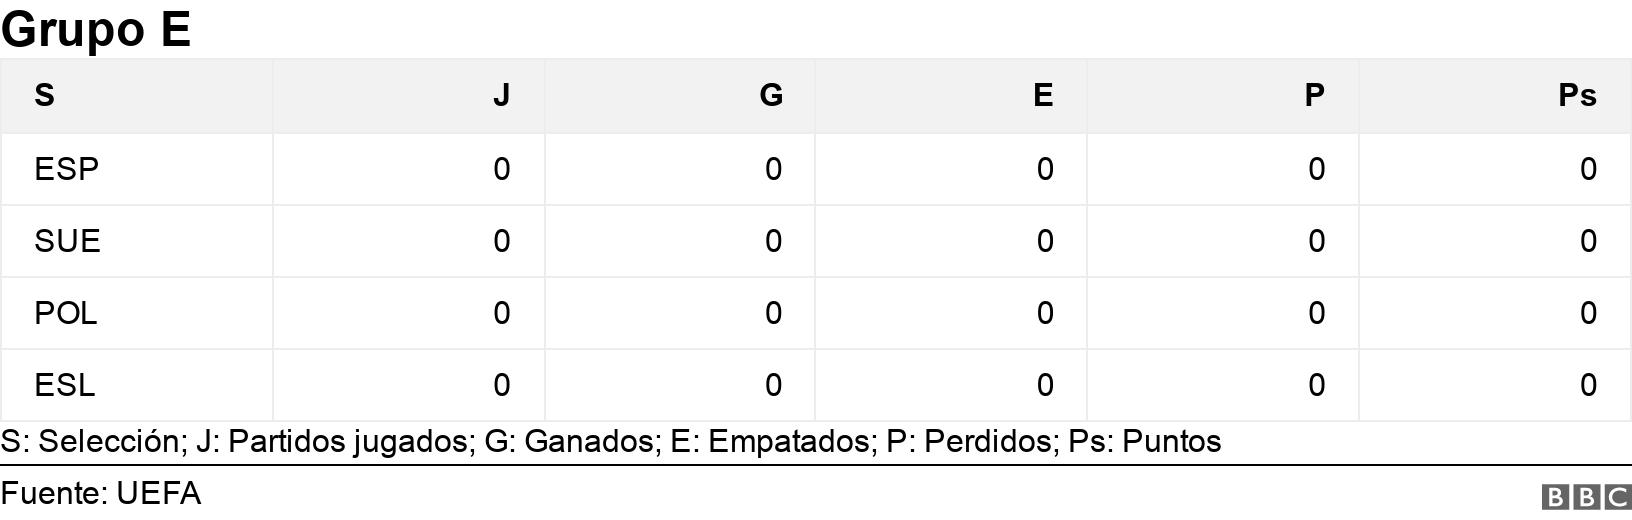 Grupo E. .  S: Selección; J: Partidos jugados; G: Ganados; E: Empatados; P: Perdidos; Ps: Puntos.